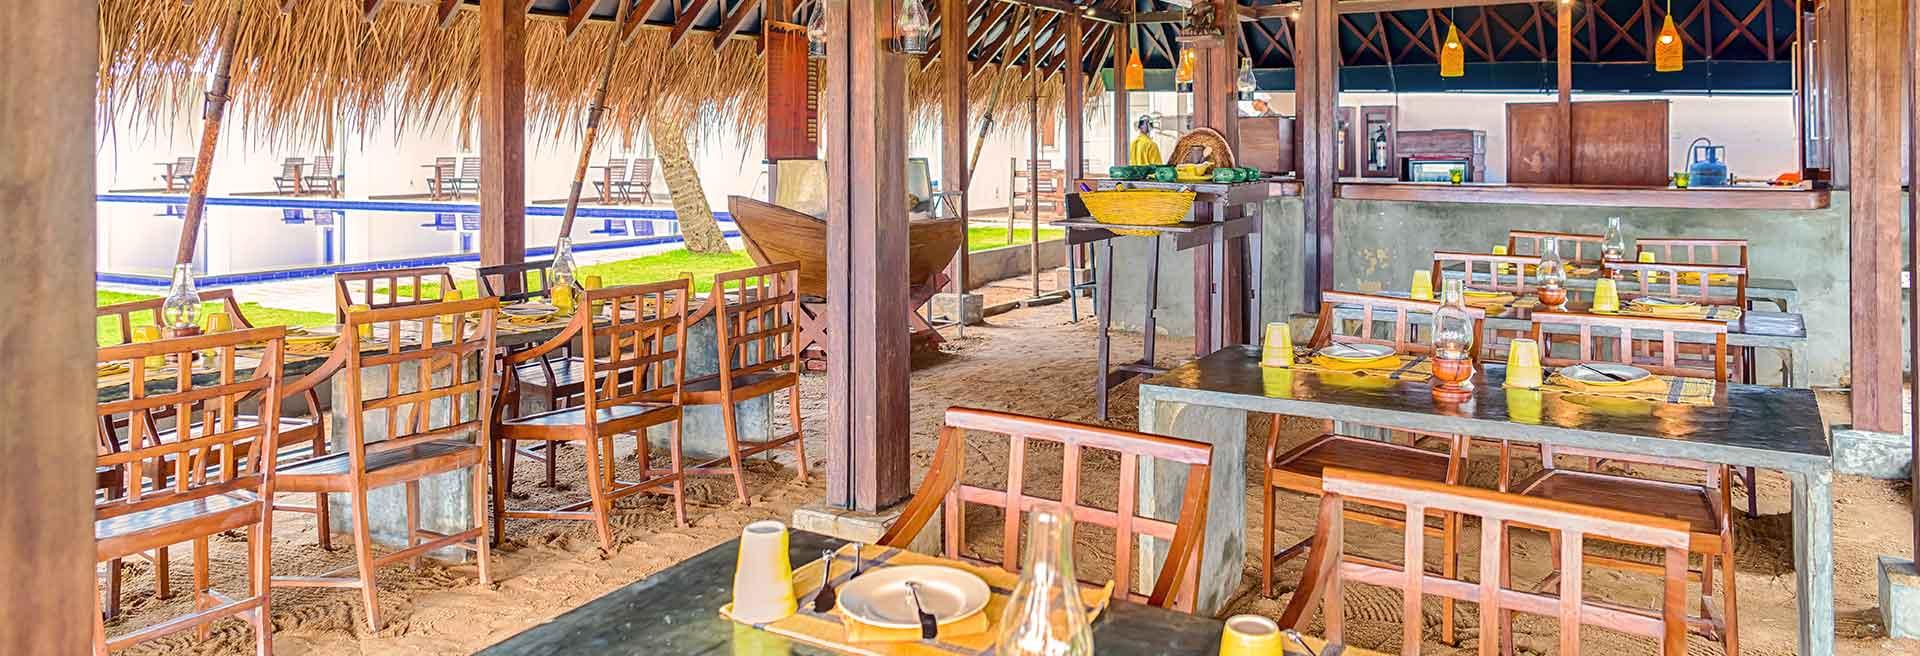 Interior of the Lellama Restaurant